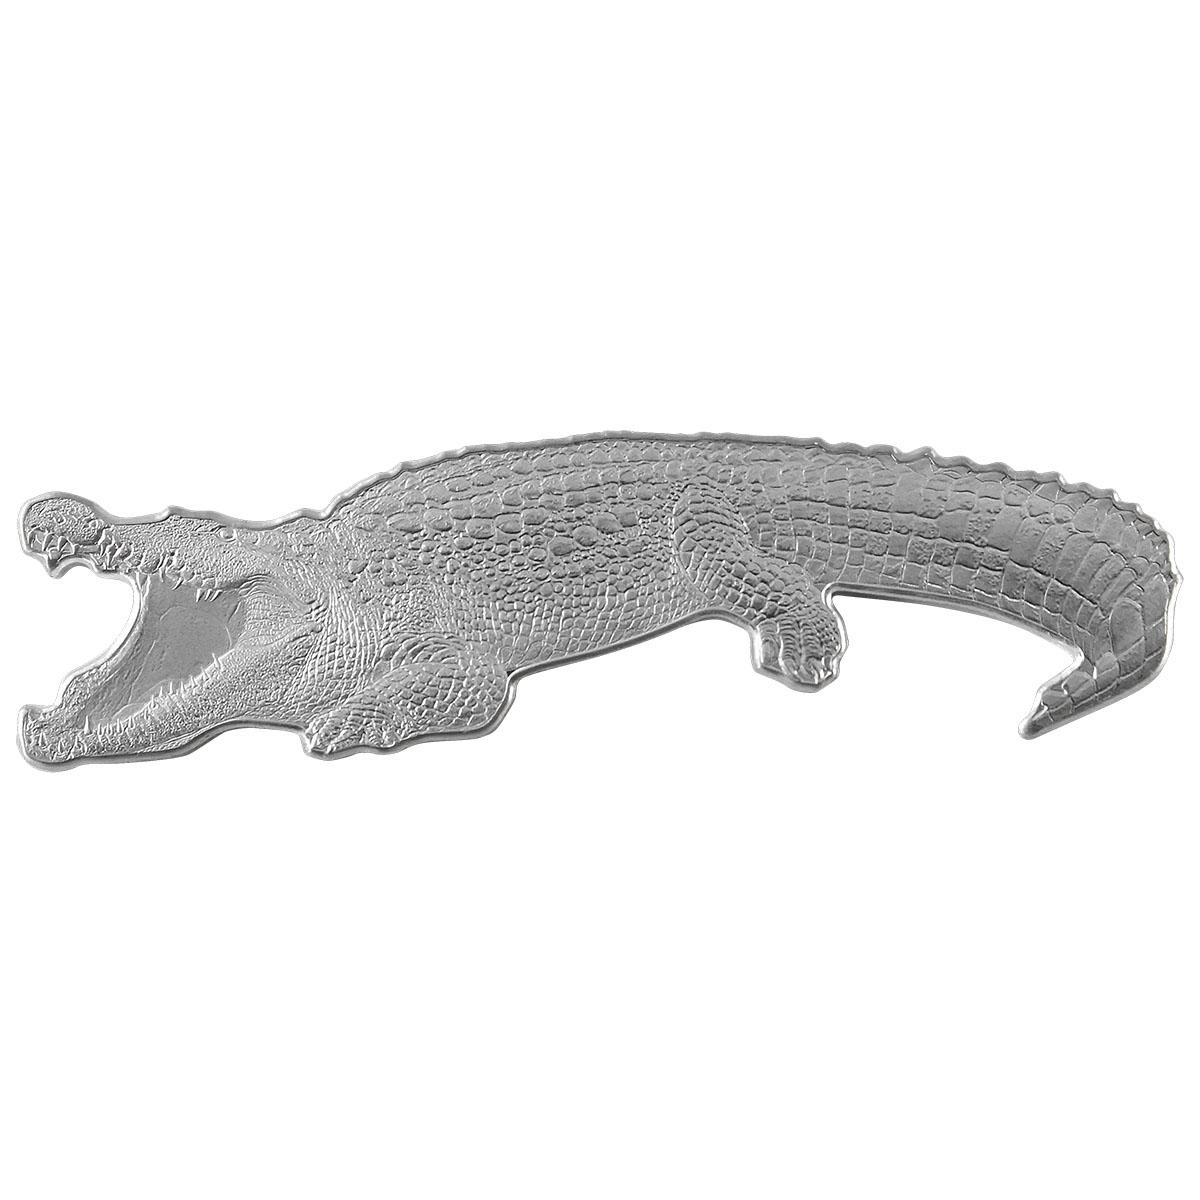 2021 Solomon Islands 1 oz Nile Crocodile Shaped Silver Coin